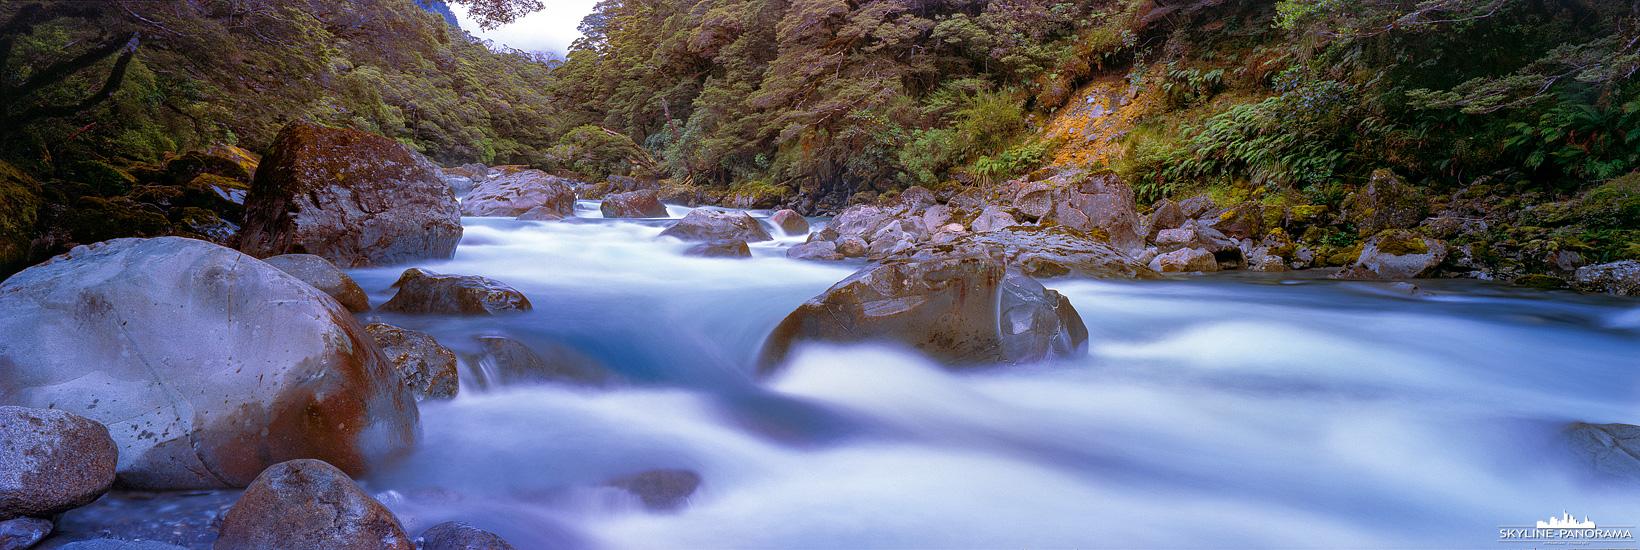 Neuseeland Südinsel Panorama 6x17| Auf dem Weg von Te Anau zum Milford Sound, kurz vor dem Tunnel, geht der Te Anau Milford Highway entlang des Hollyford Rivers